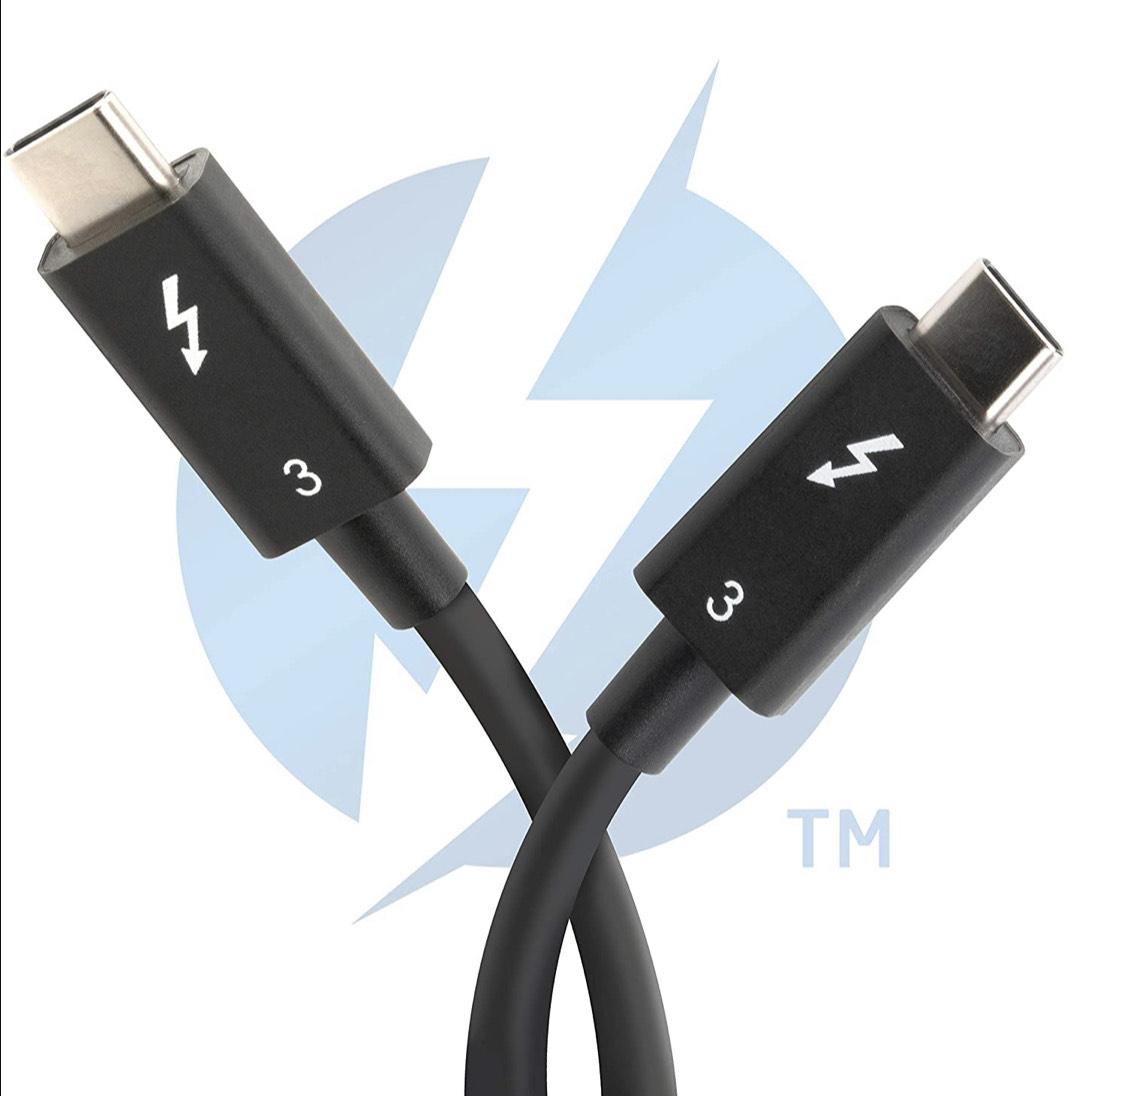 Thunderbolt 3 Kabel 40 Gbps mit bis zu 100 W Ladefähigkeit (80 cm, 5A, USB C kompatibel) [Thunderbolt 3 Zertifiziert]